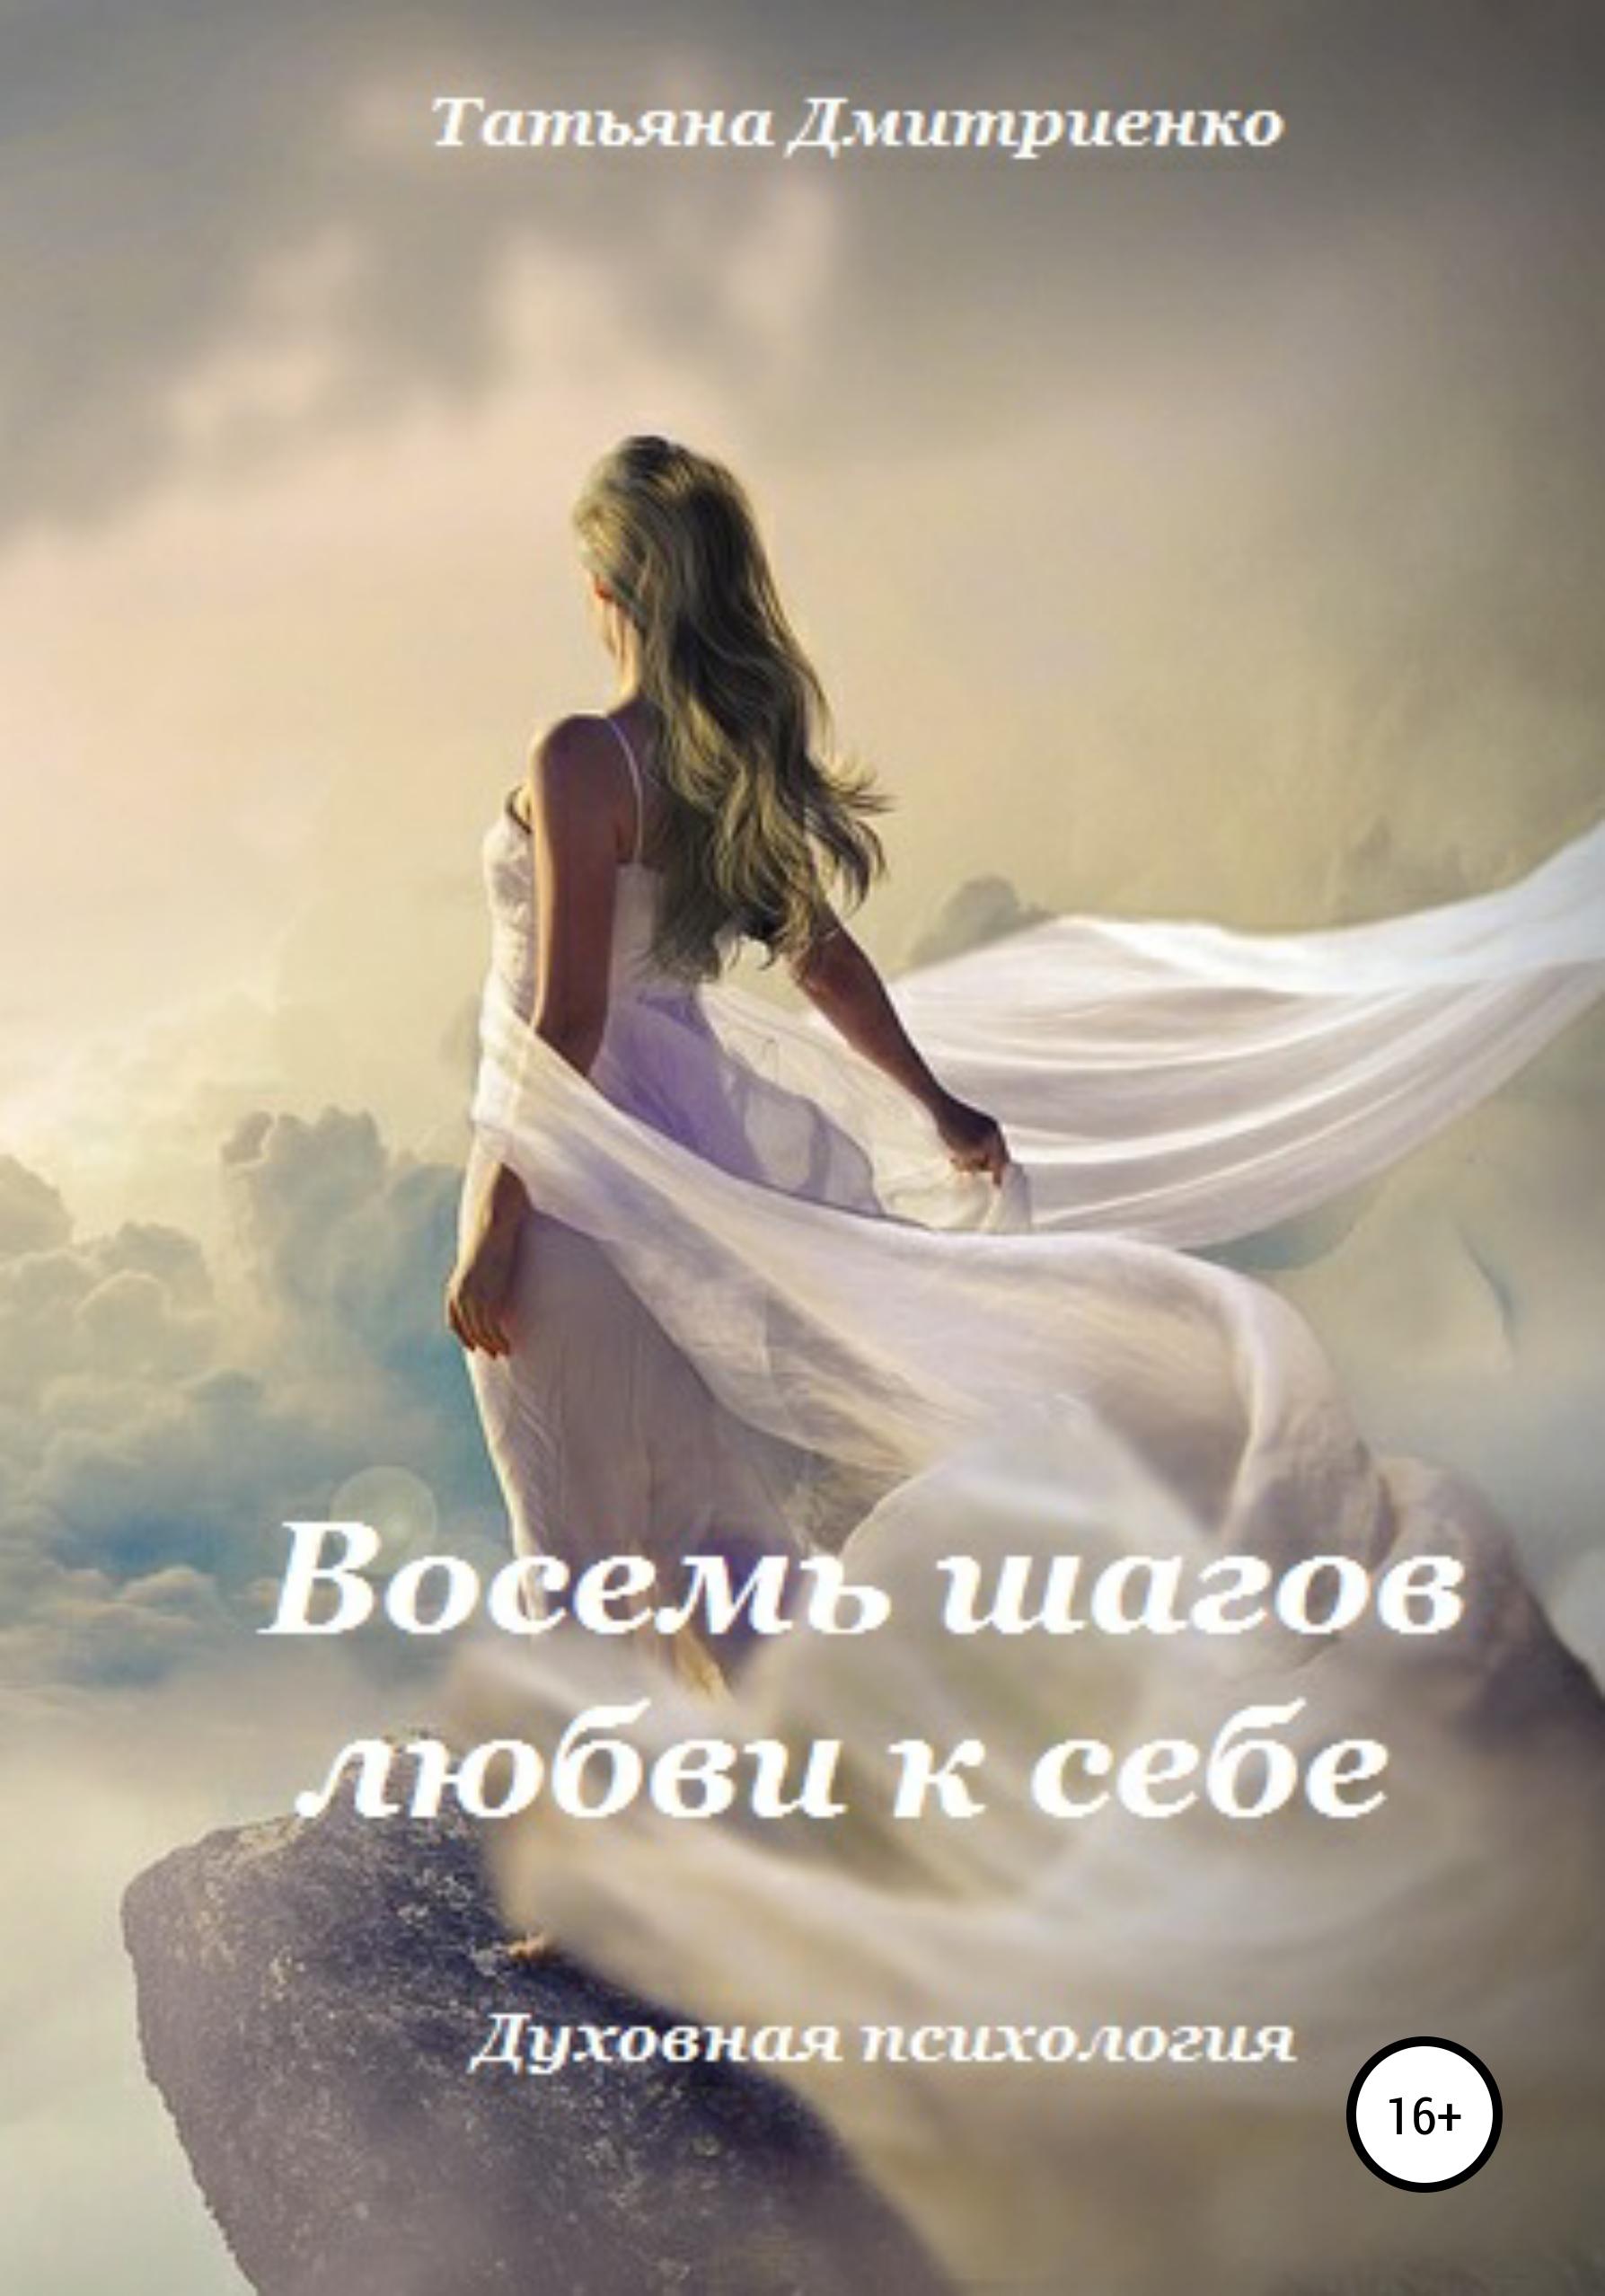 Татьяна Романовна Дмитриенко Восемь шагов любви к себе